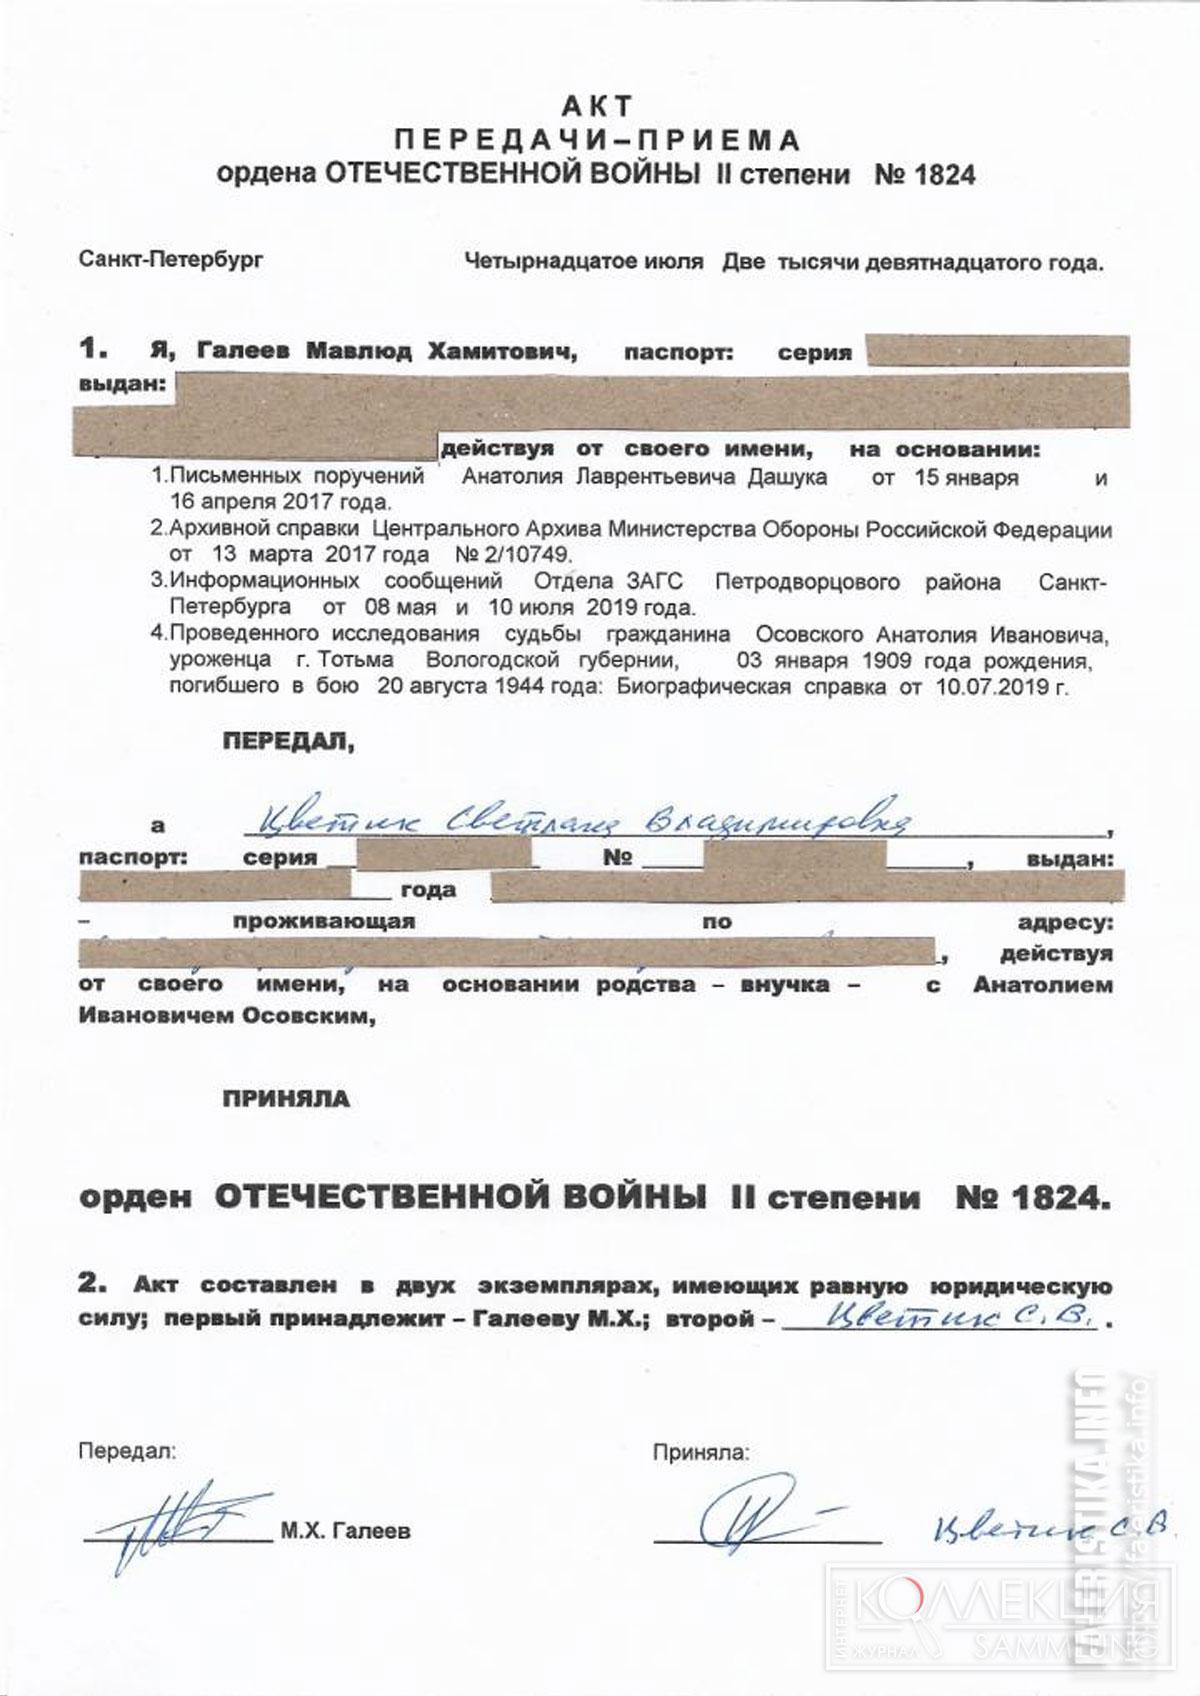 Акт приёма-передачи ордена Отечественной войны 2-й ст. №1824